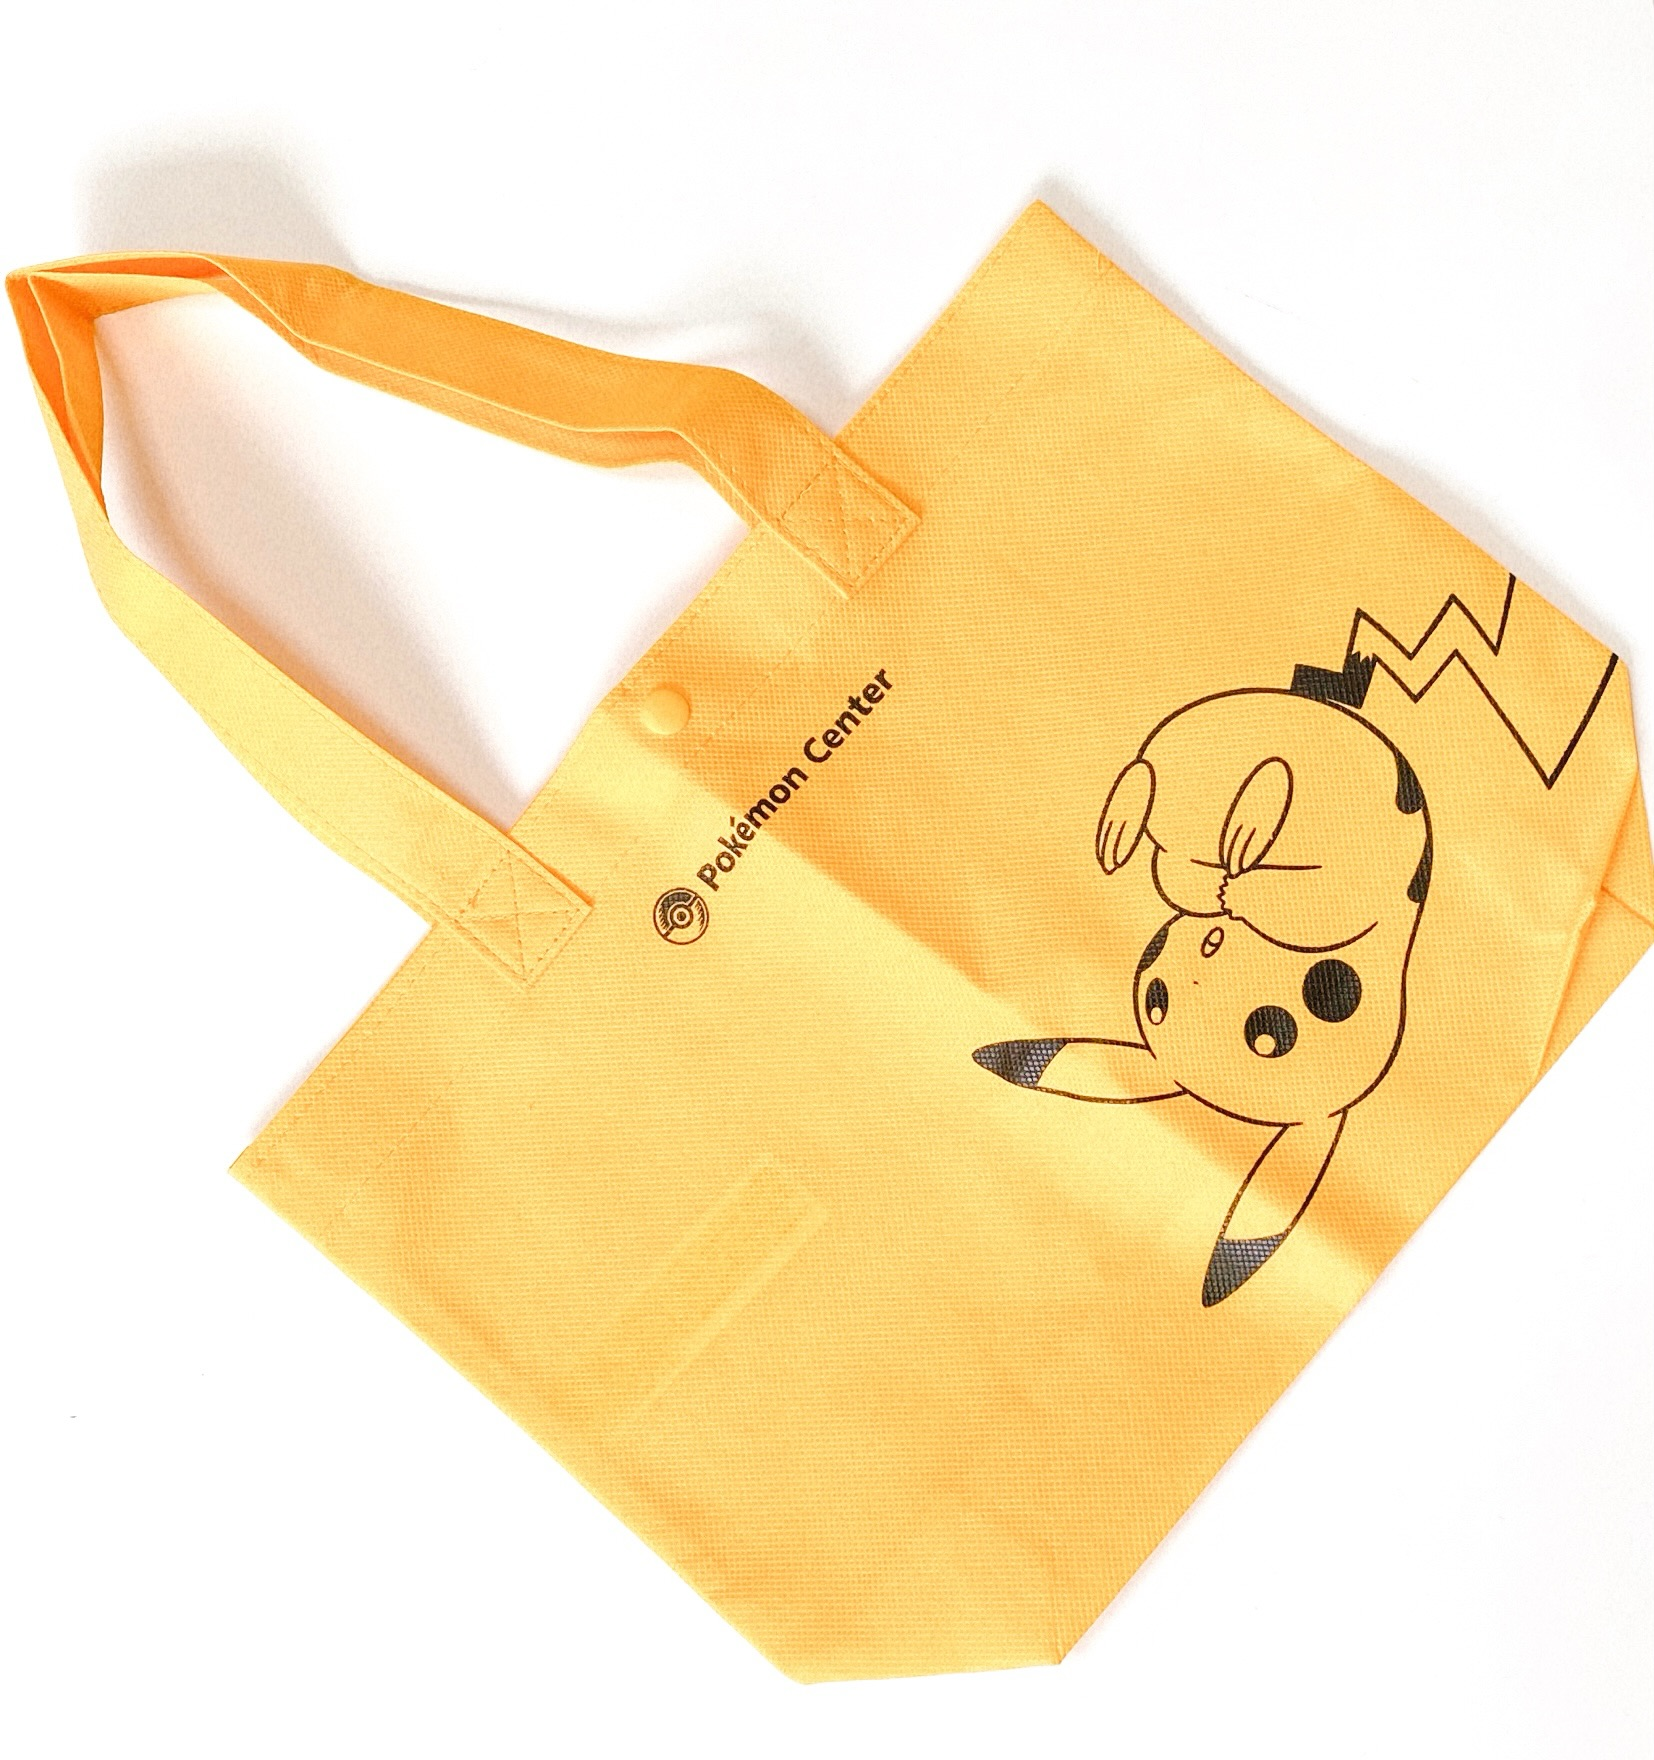 【エコバッグ】3サイズ展開!ポケモンセンター のマイバッグでお気に入りキャラと買出しへGO!_1